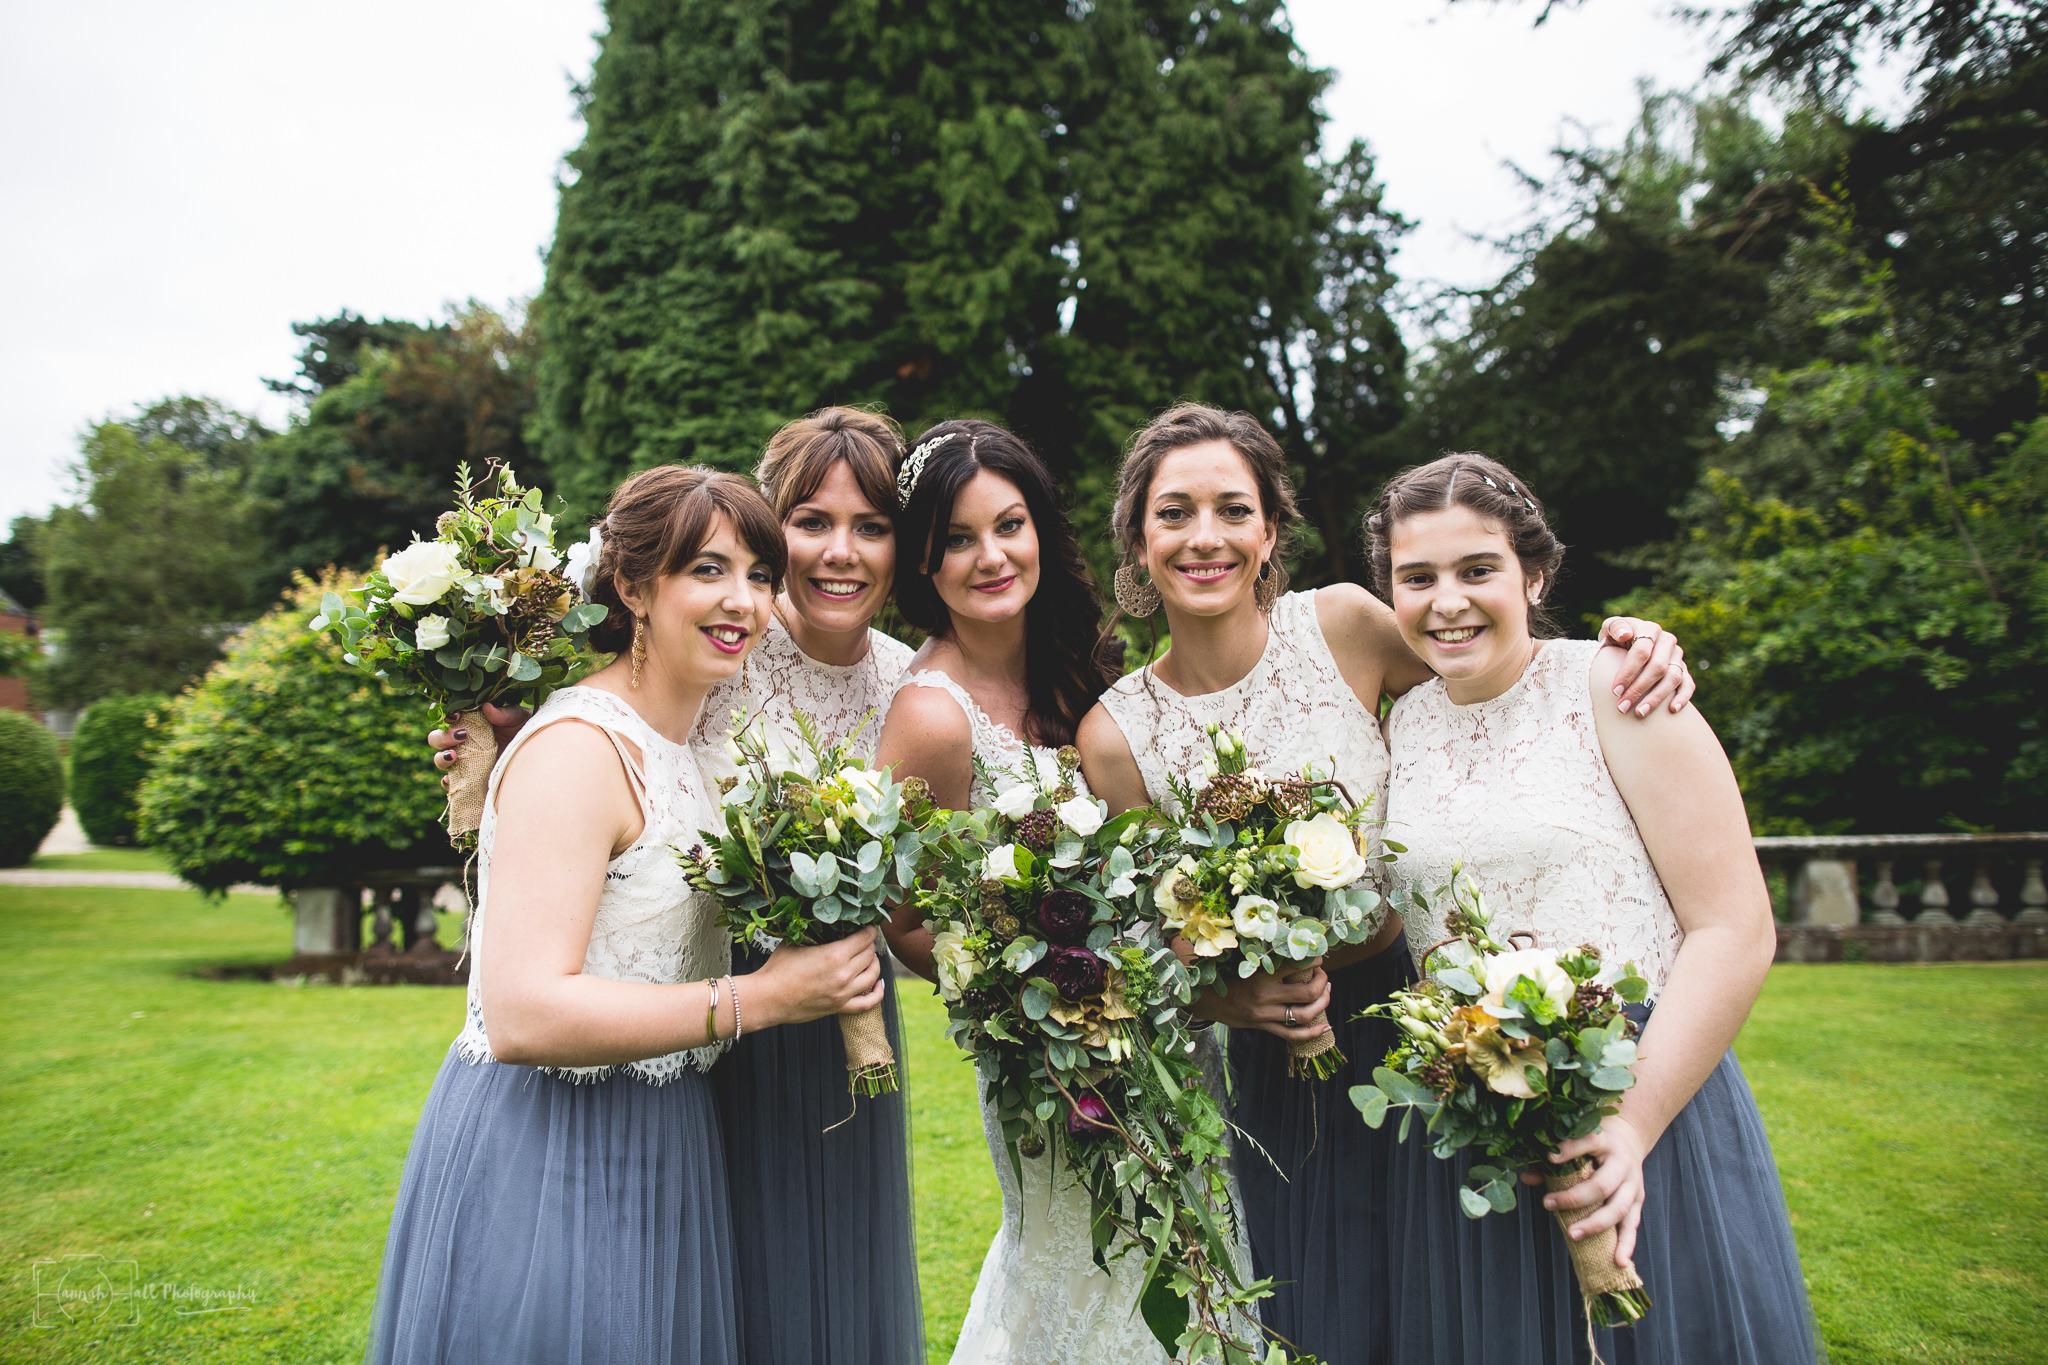 hhp-back-garden-wedding-35